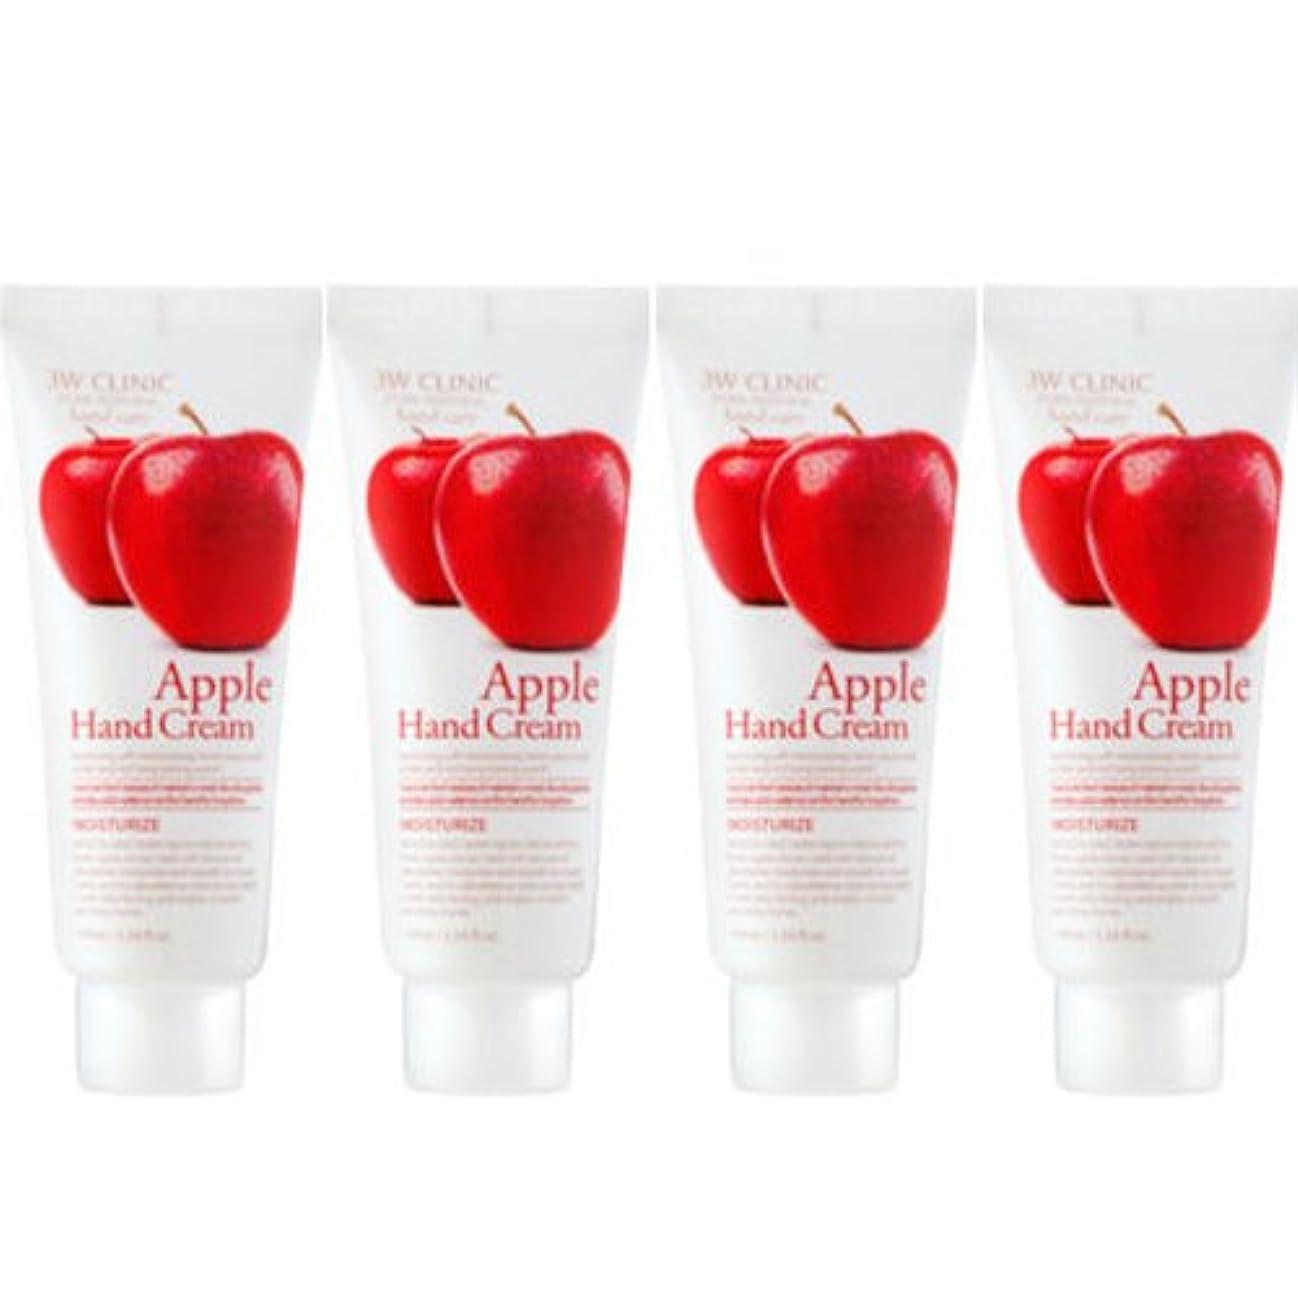 等価ミュート校長3w Clinic[韓国コスメARRAHAN]Moisturizing Apple Hand Cream モイスチャーリングリンゴハンドクリーム100mlX4個 [並行輸入品]